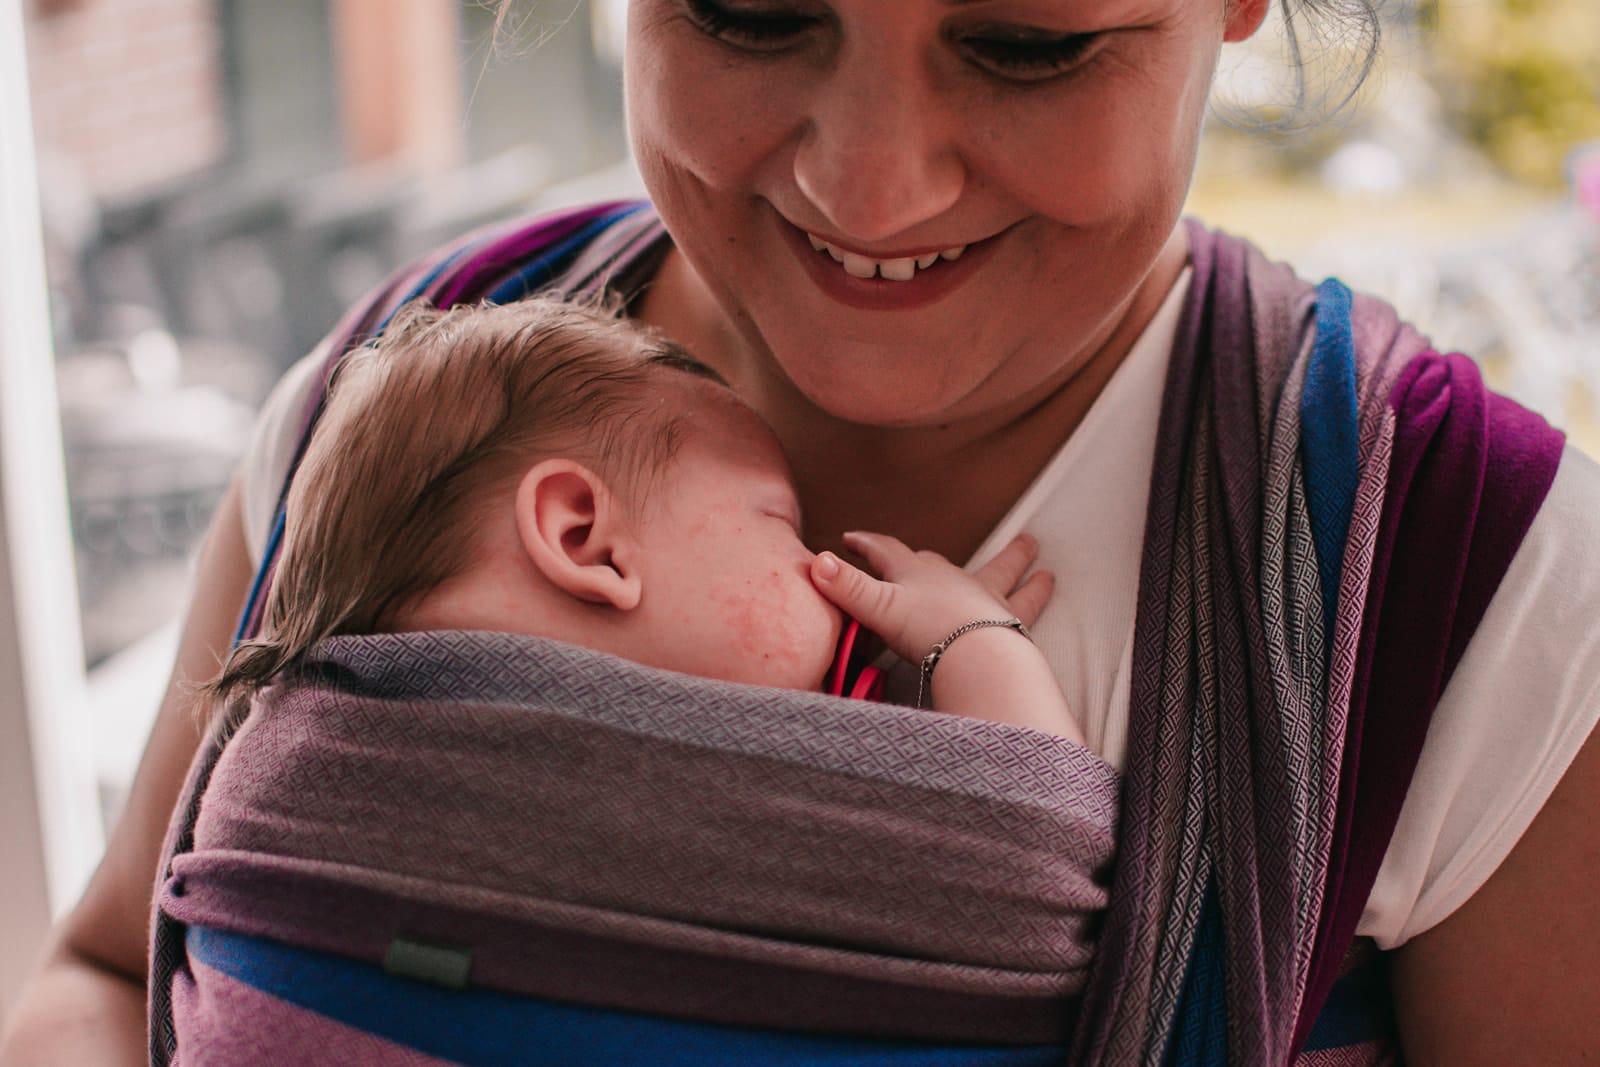 newborn baby in geweven draagdoek